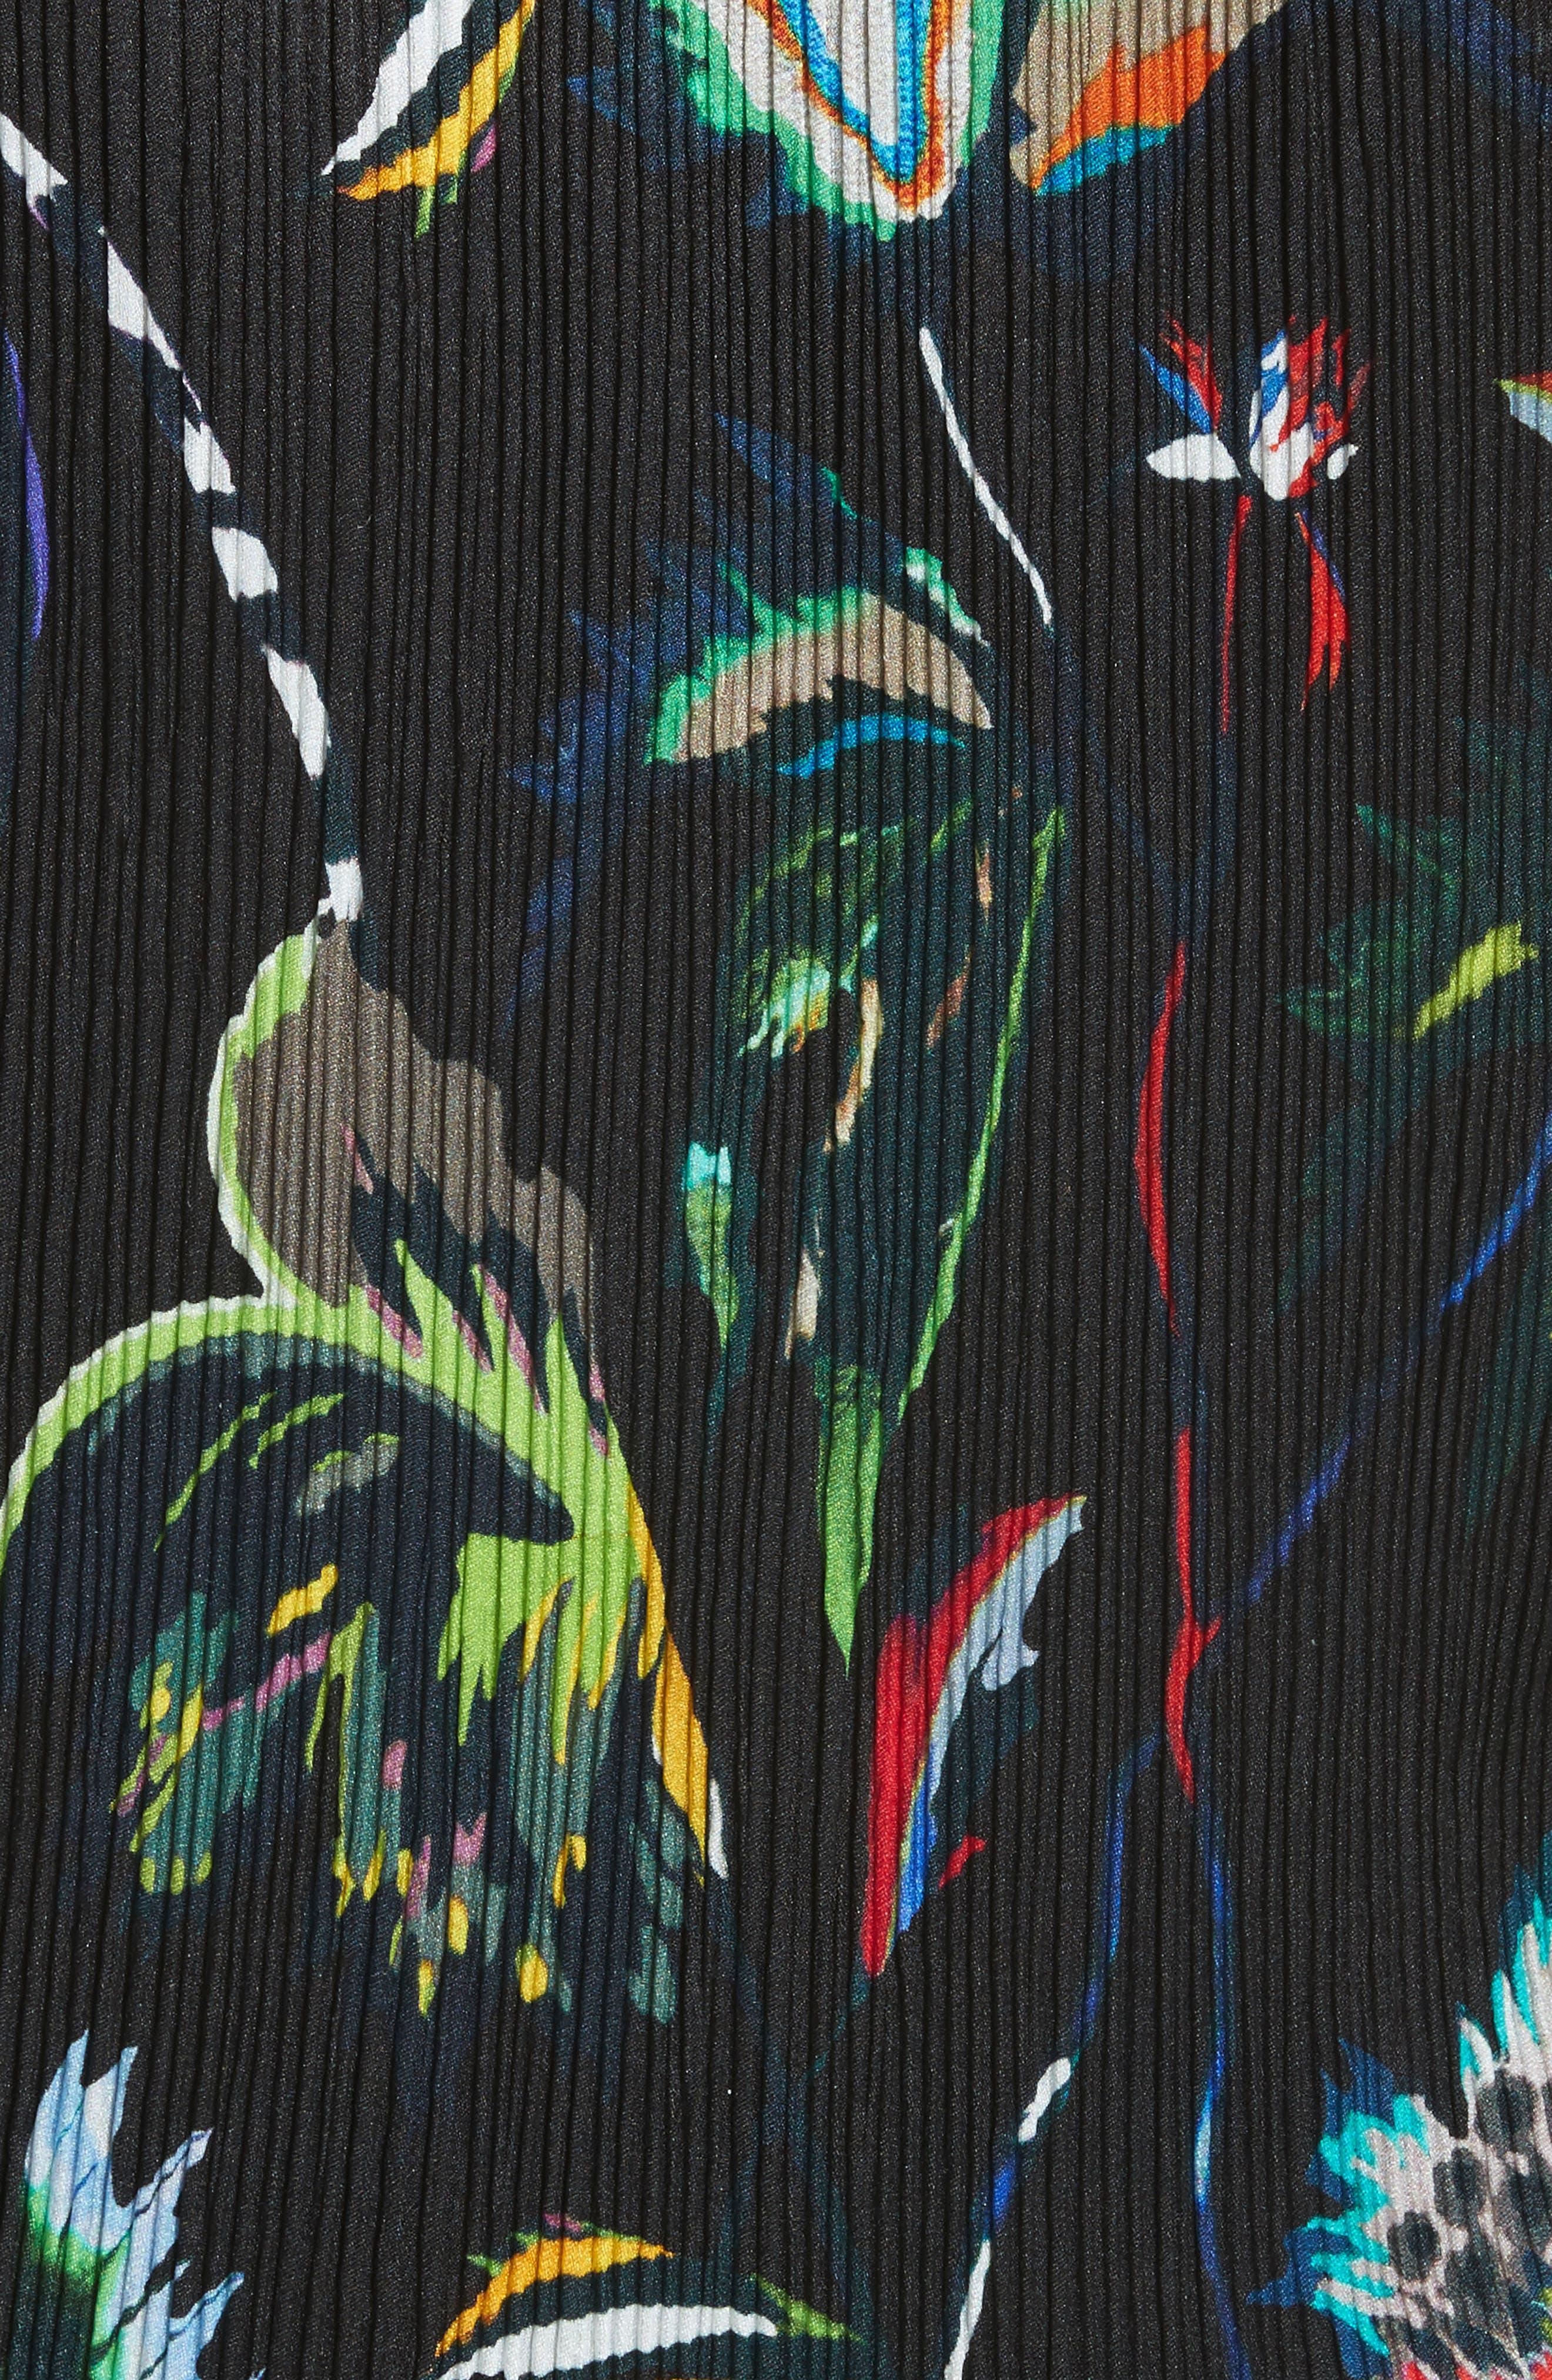 Floral Print Plissé Silk Crepon Dress,                             Alternate thumbnail 5, color,